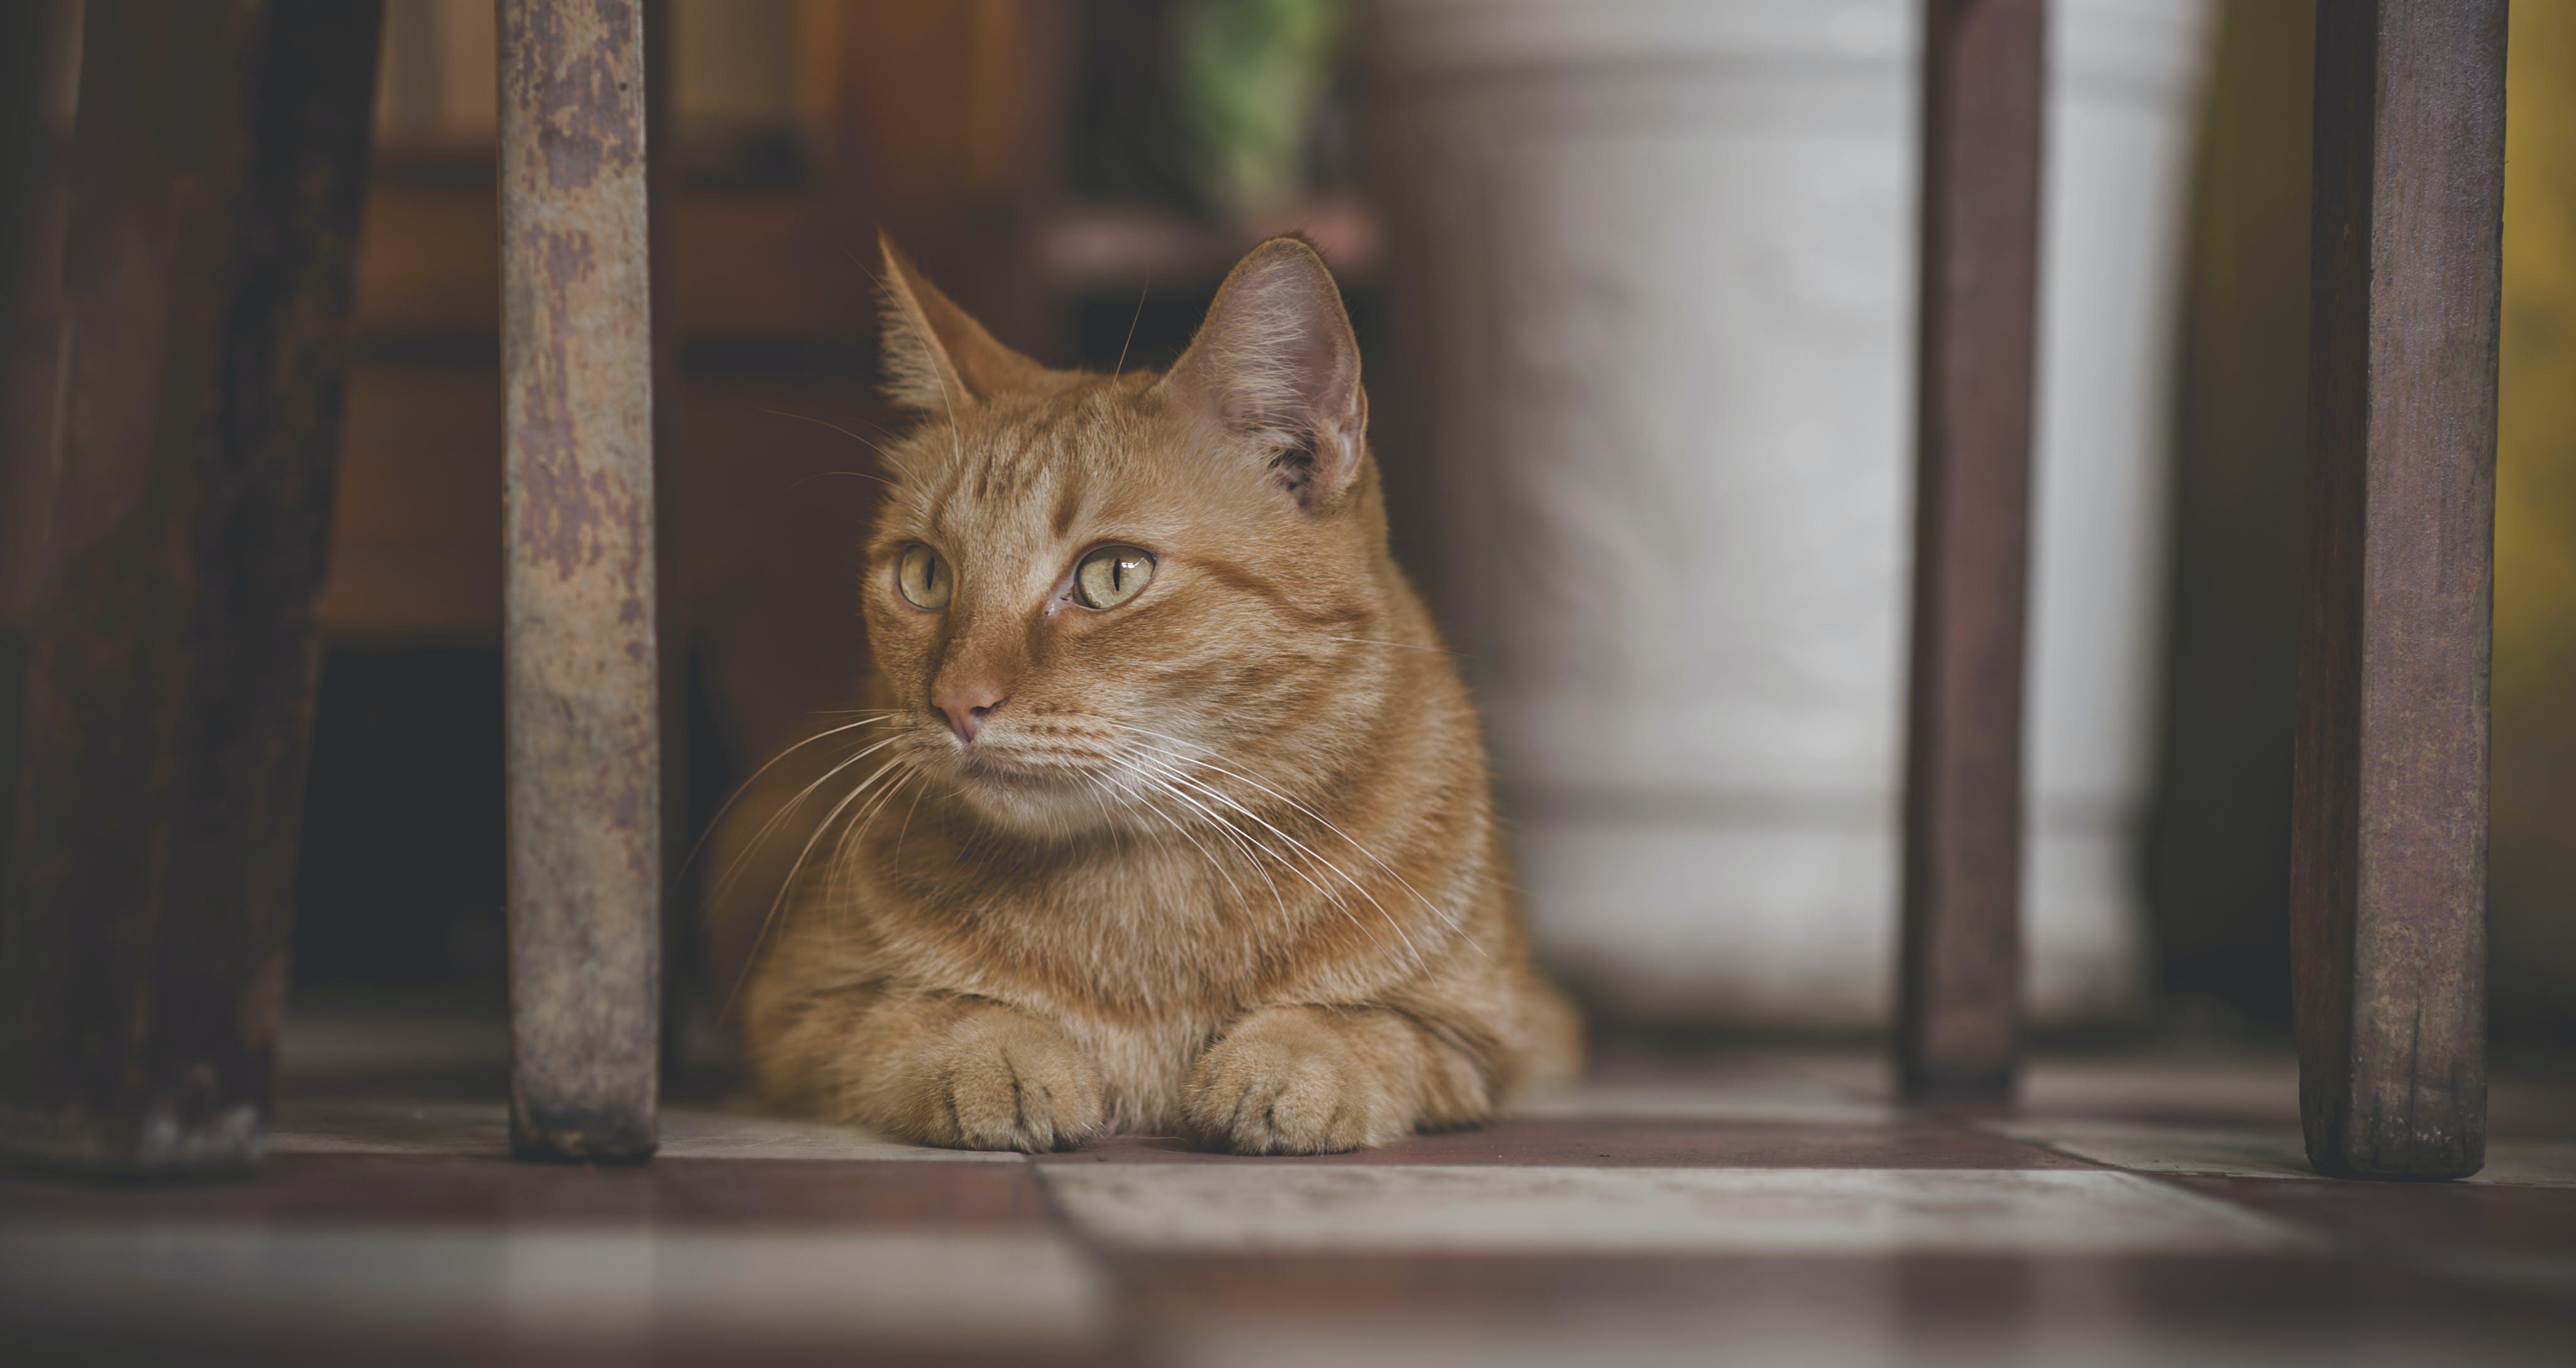 Δωρεάν στοκ φωτογραφιών με αιλουροειδές, Αιλουροειδή, βάθος πεδίου, Γάτα